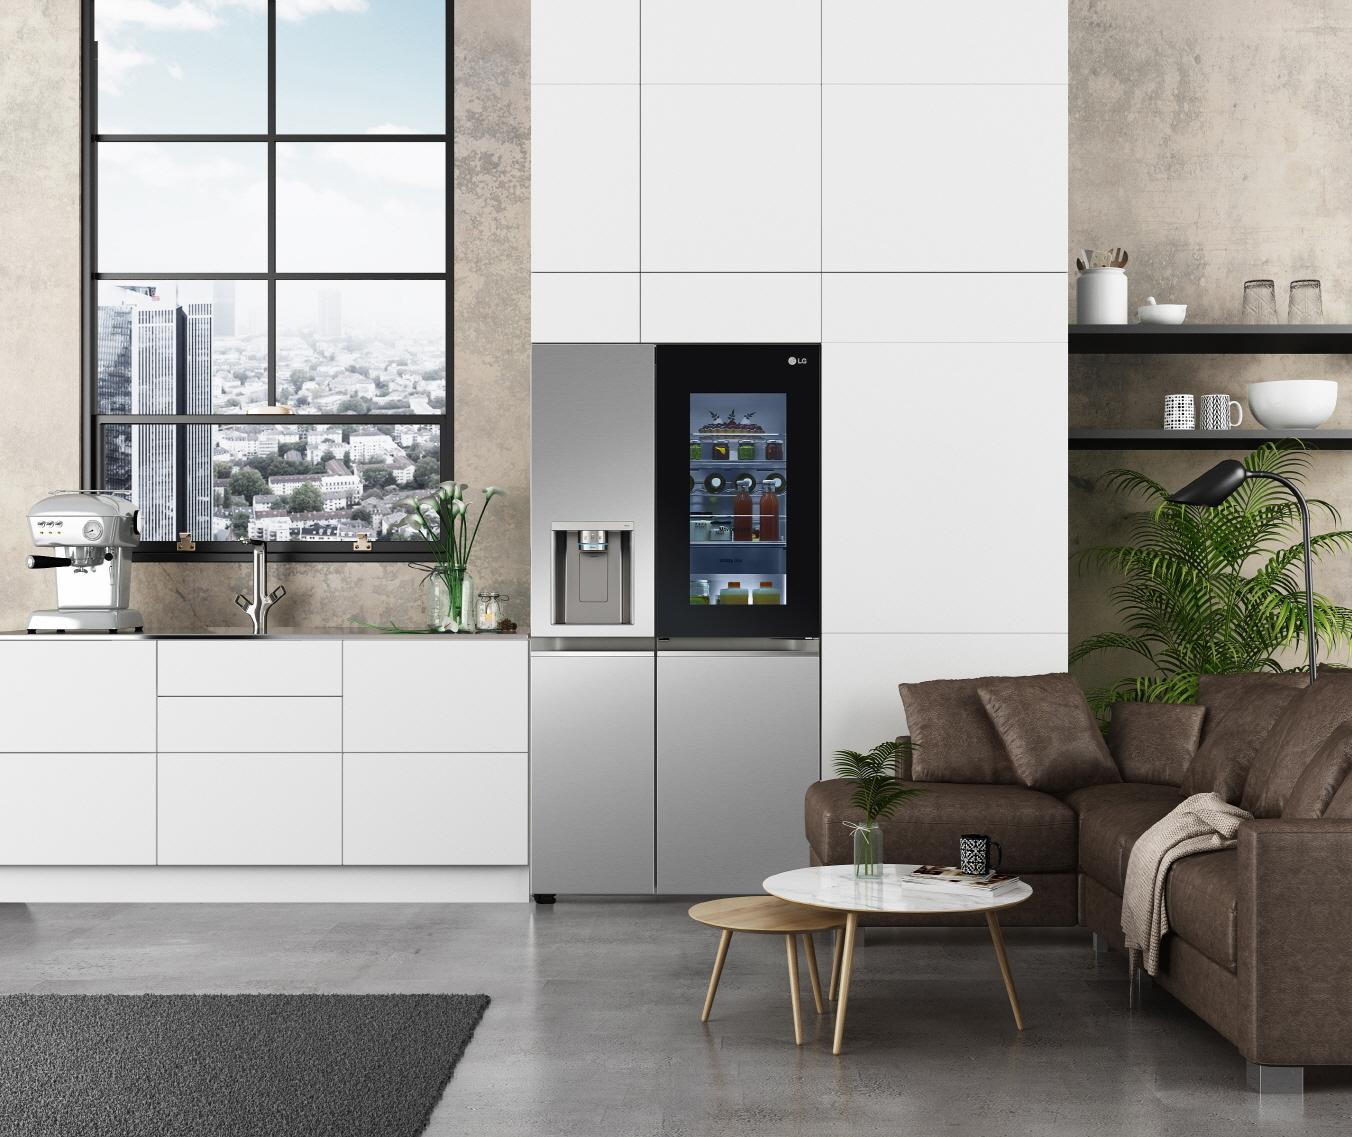 LG-InstaView-Refrigerator-with-UVnano